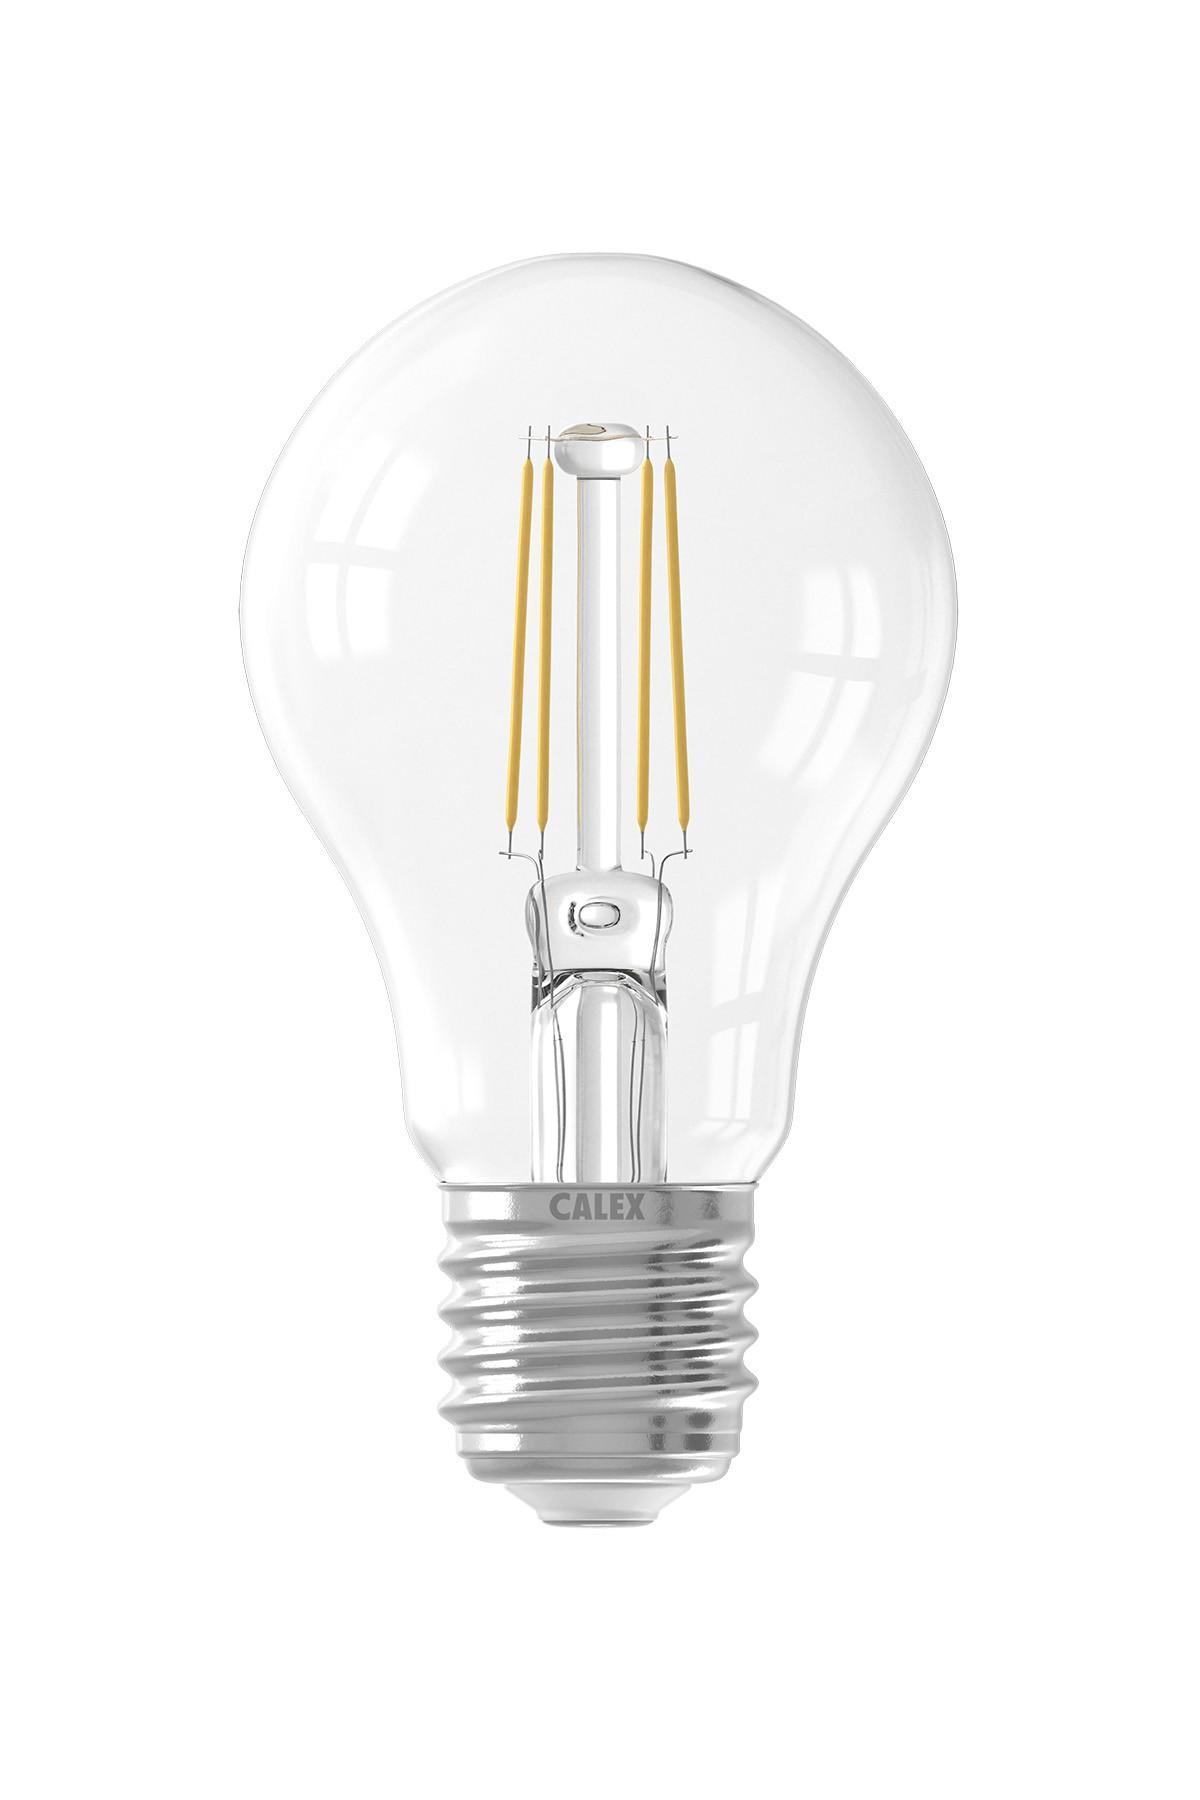 Calex LED volglas Filament Standaardlamp 240V 7W 810lm E27 A60, Helder 2700K CRI80 Dimbaar